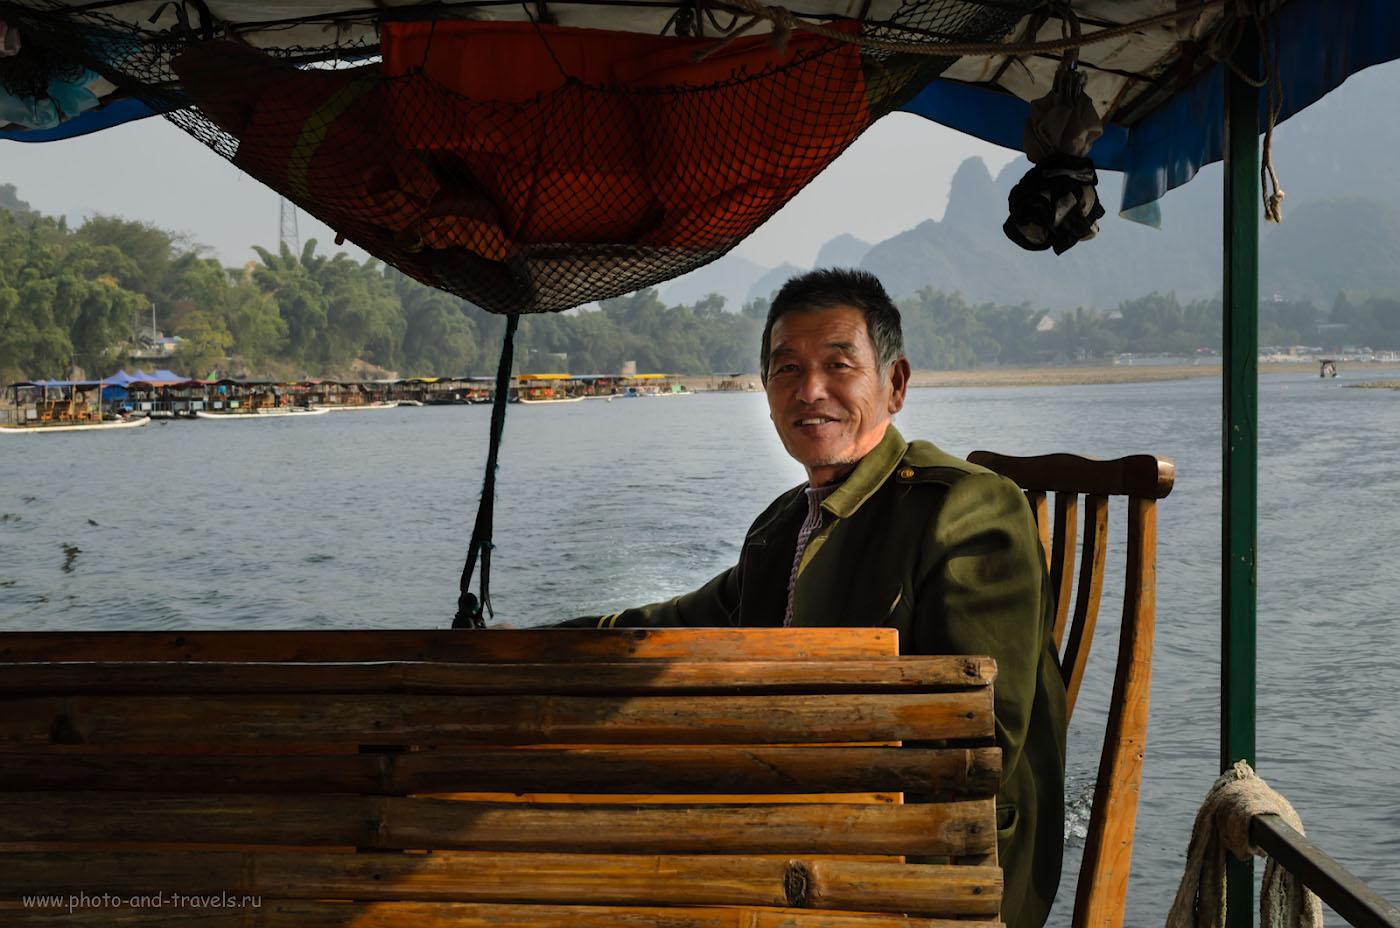 Фото 14. Водитель нашего бамбукового плота. Отчет о сплаве по реке Лицзян в окрестностях Яншо, куда мы добрались из города Гуйлинь. 1/125, 11.0, 100, 24.